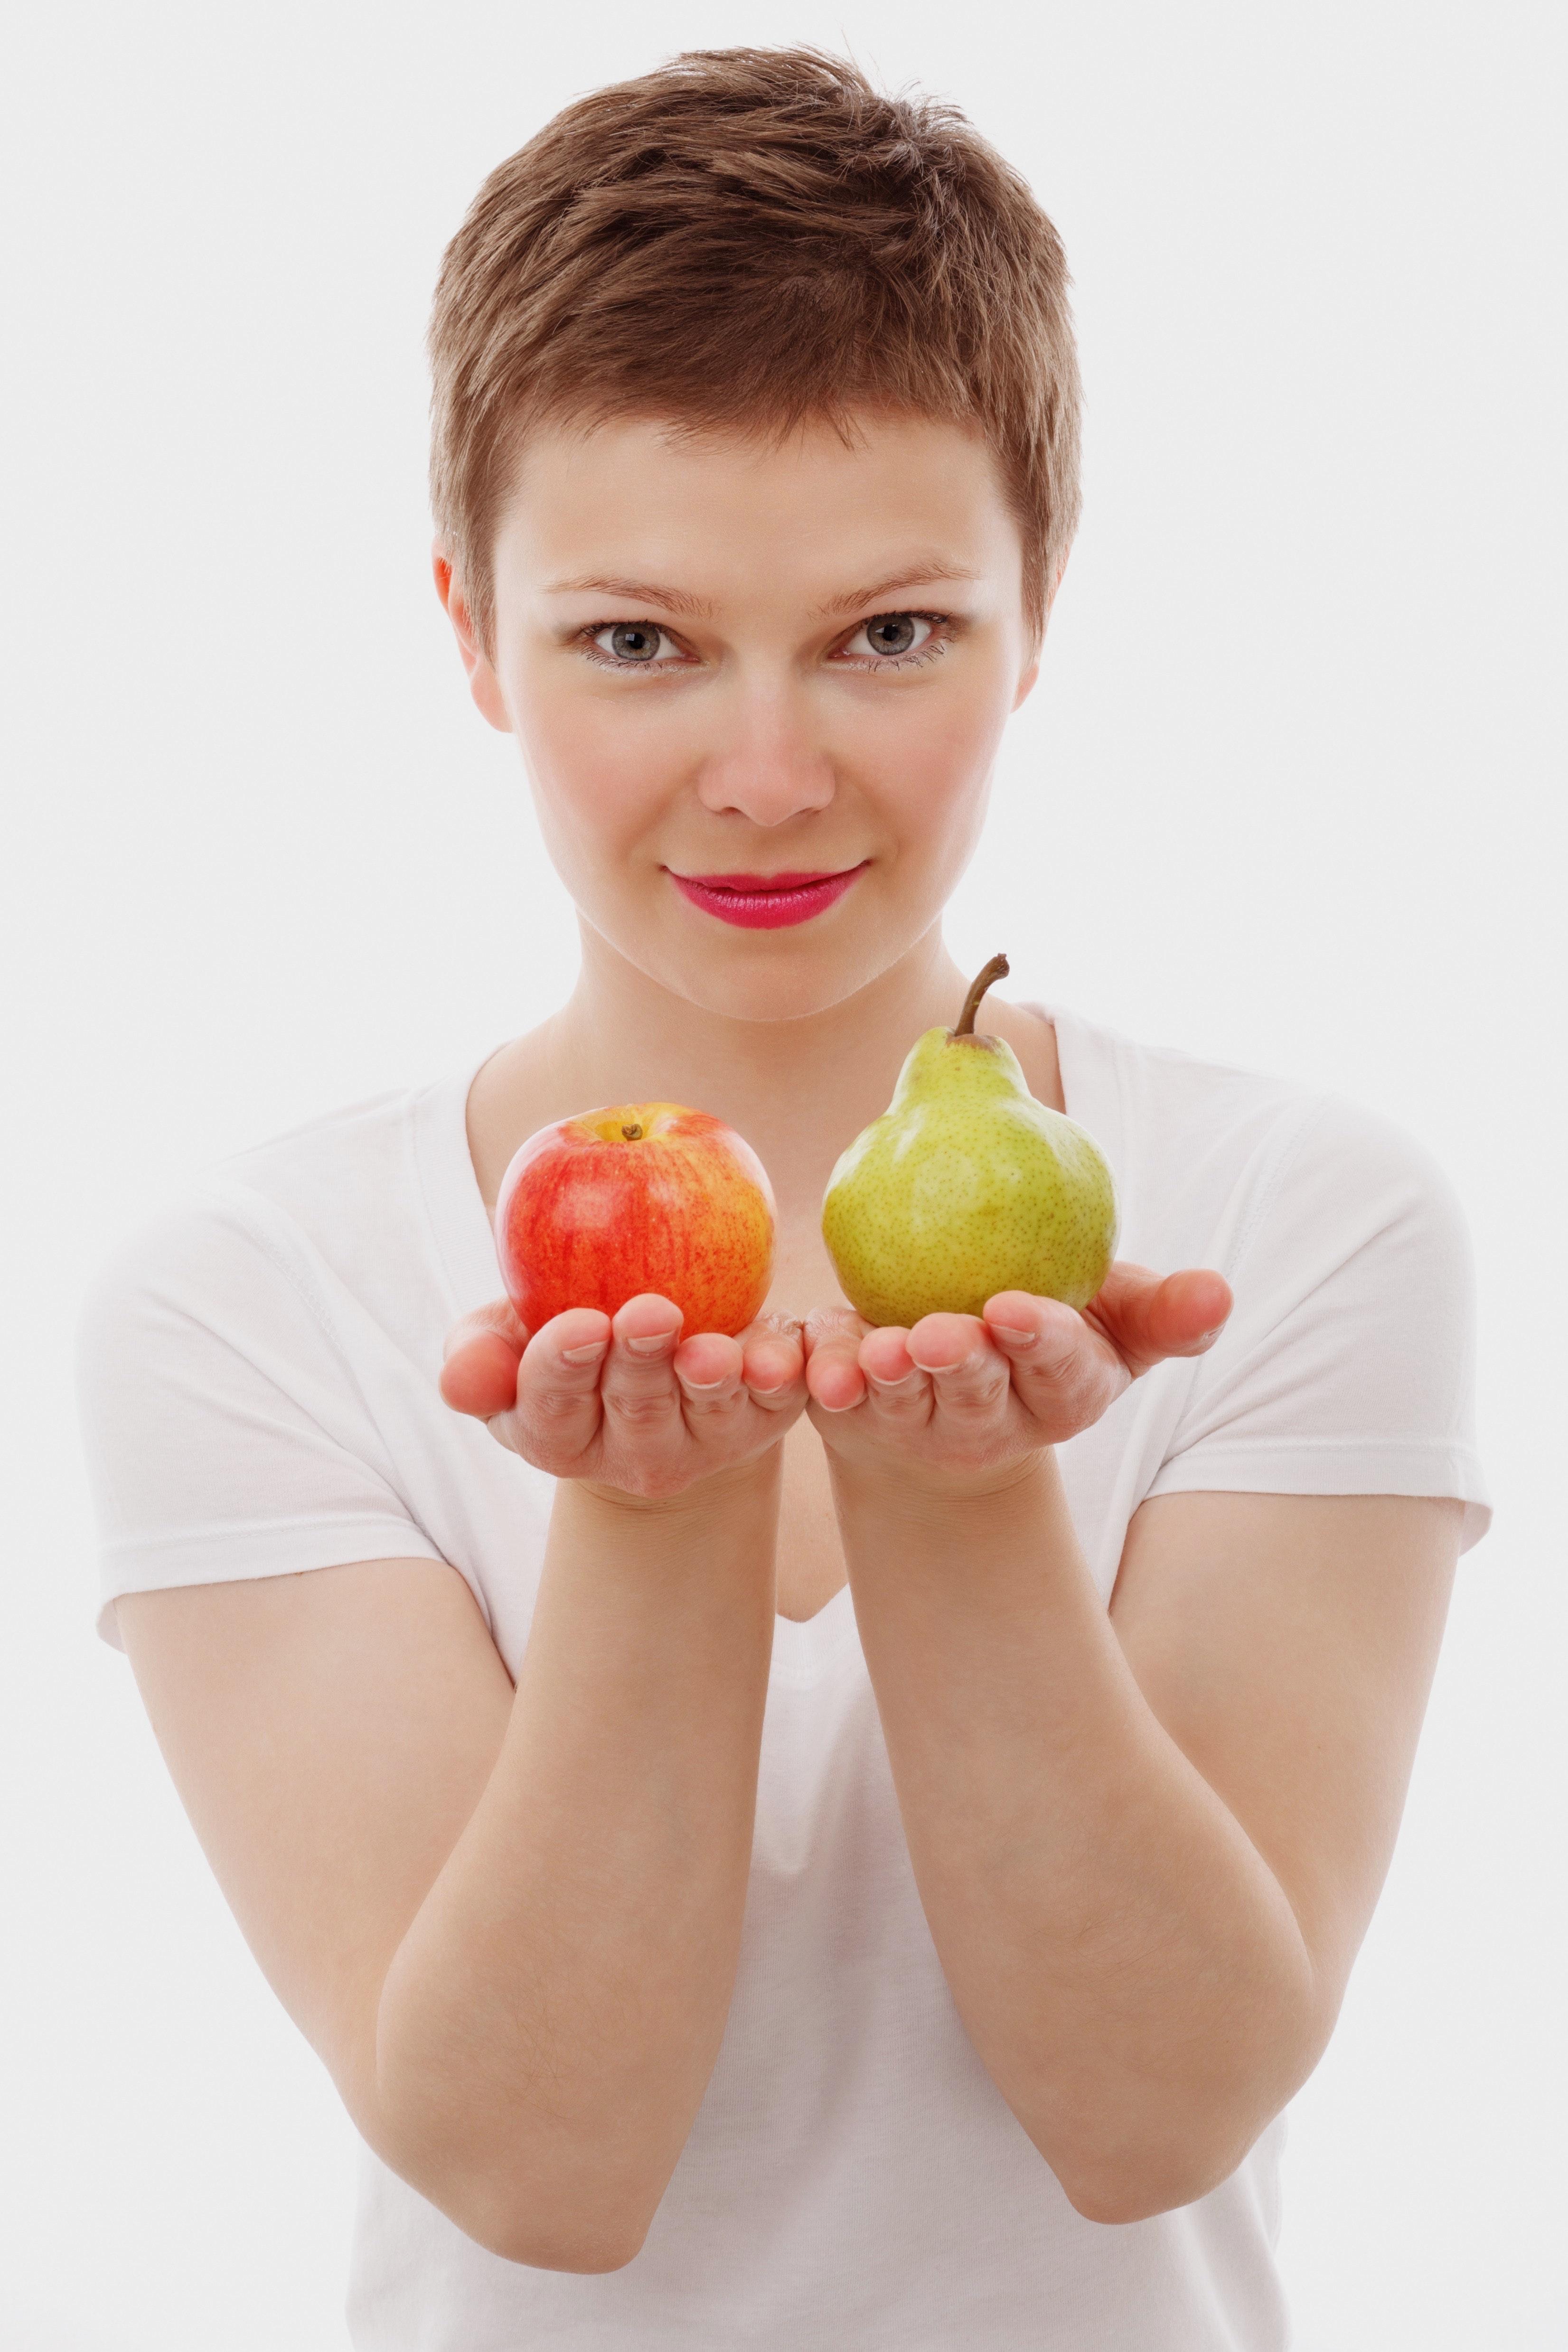 Frau mit gesunder Ernährung